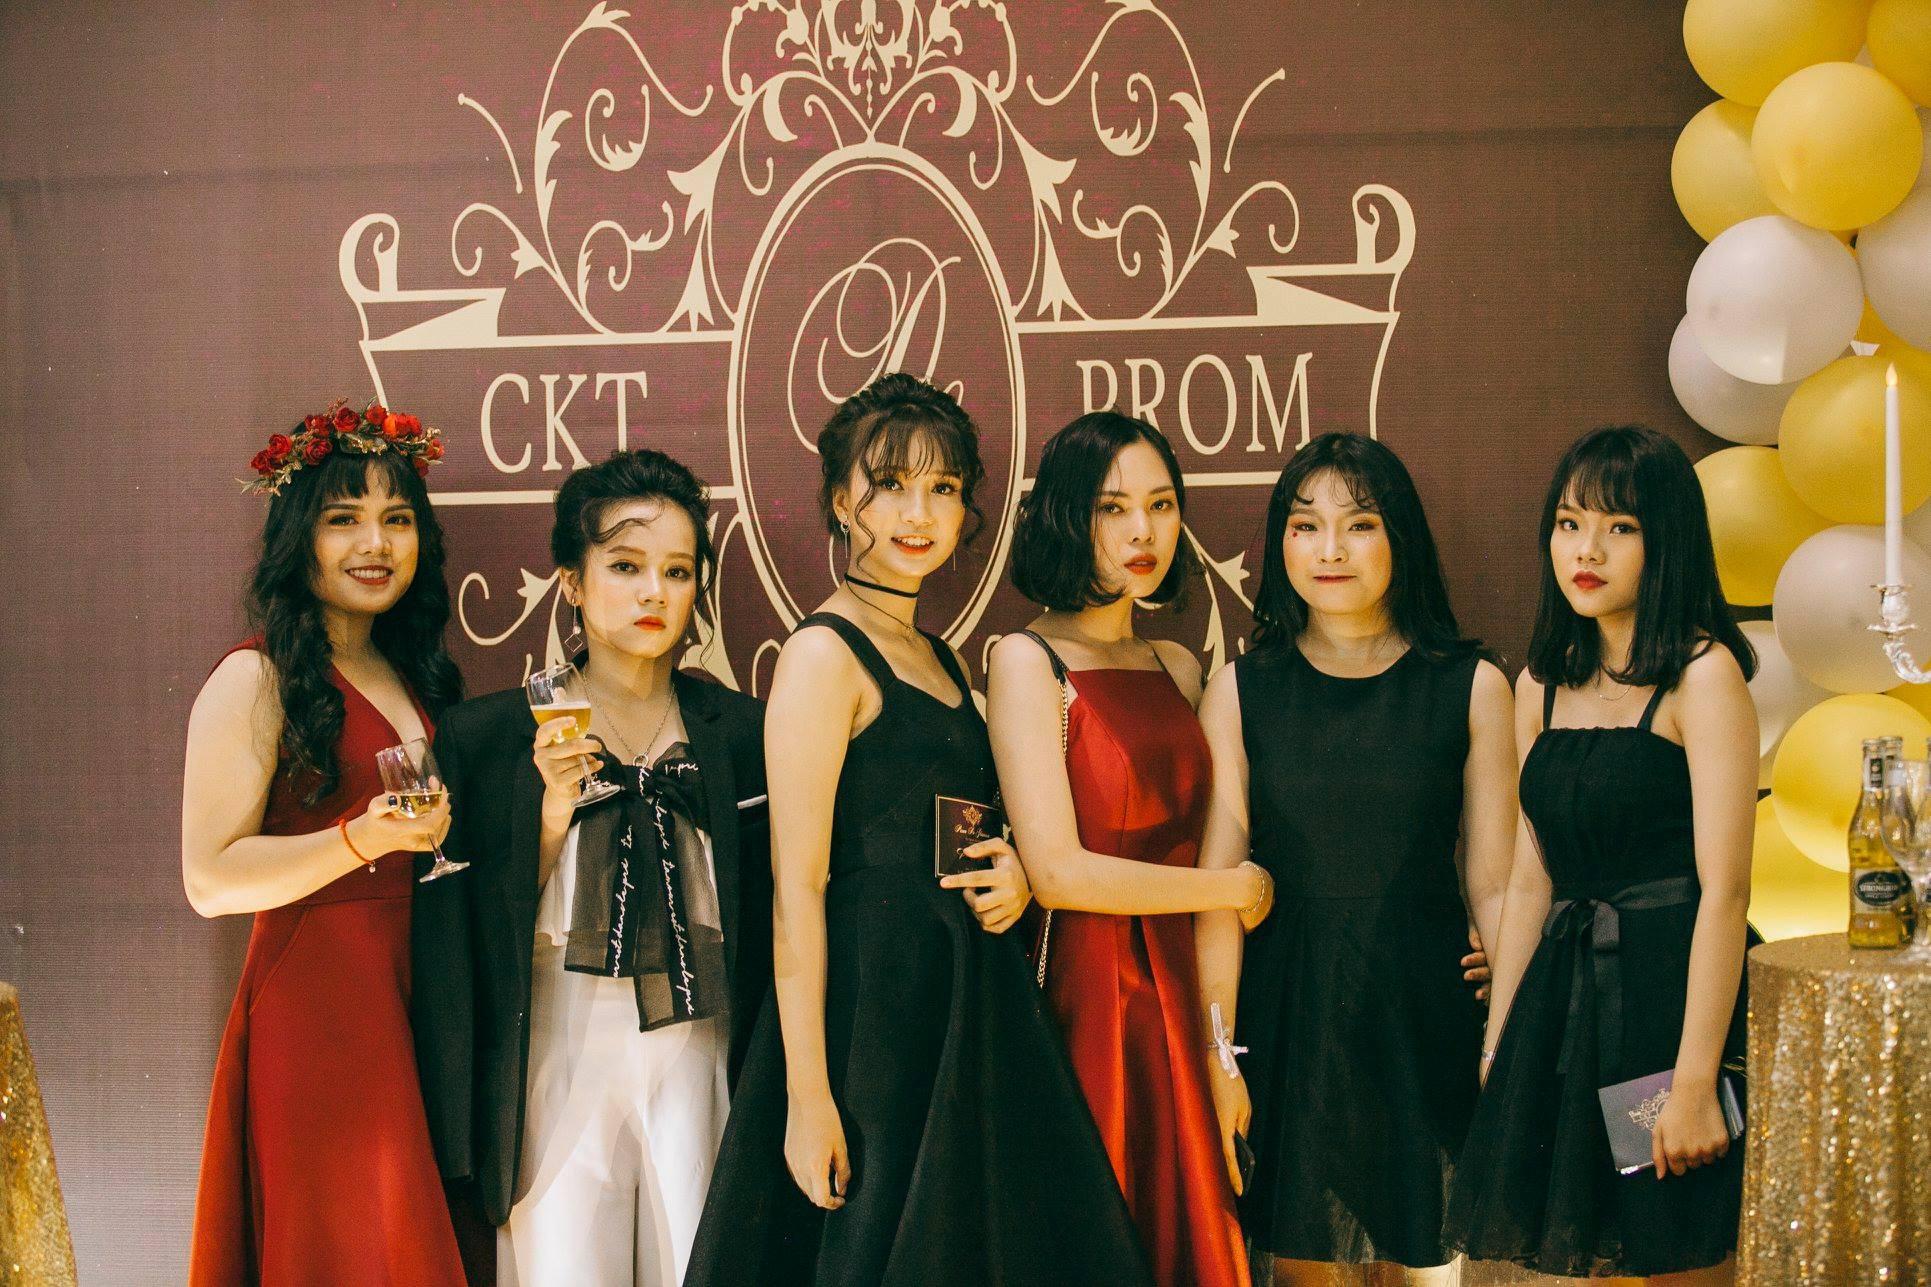 Không chỉ RMIT, trường chuyên phố núi Kon Tum cũng khiến chúng ta đã mắt với dàn trai xinh gái đẹp trong tiệc prom - Ảnh 1.